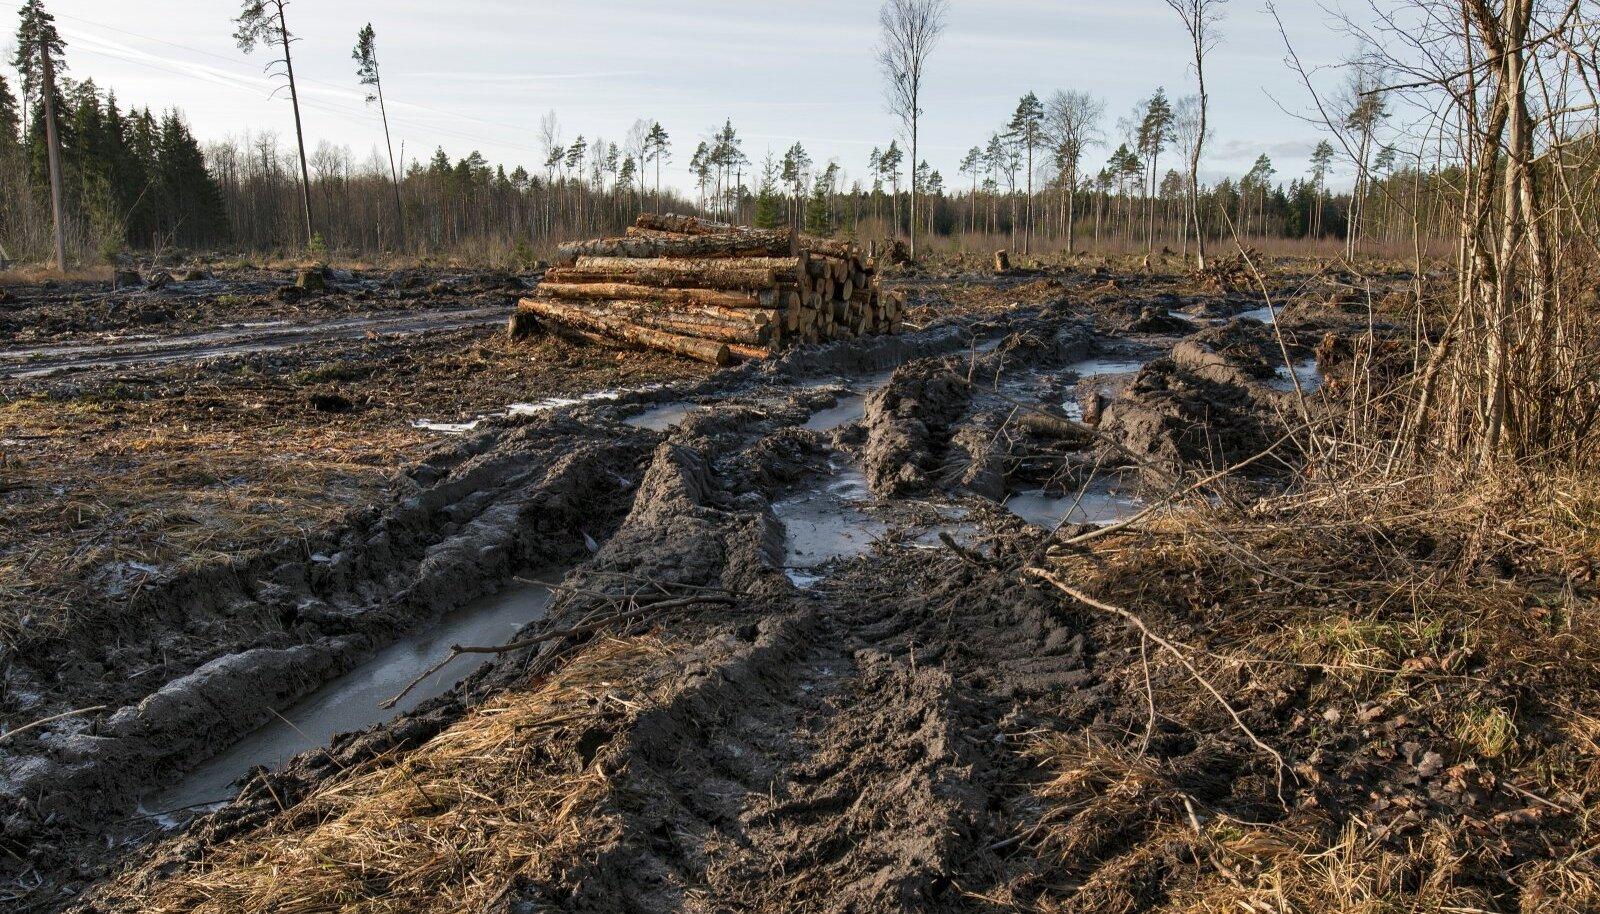 Eesti on küll praegu varasemast metsasem, kuid metsades kohtab palju hoolimatu raiega rikutud kohti.